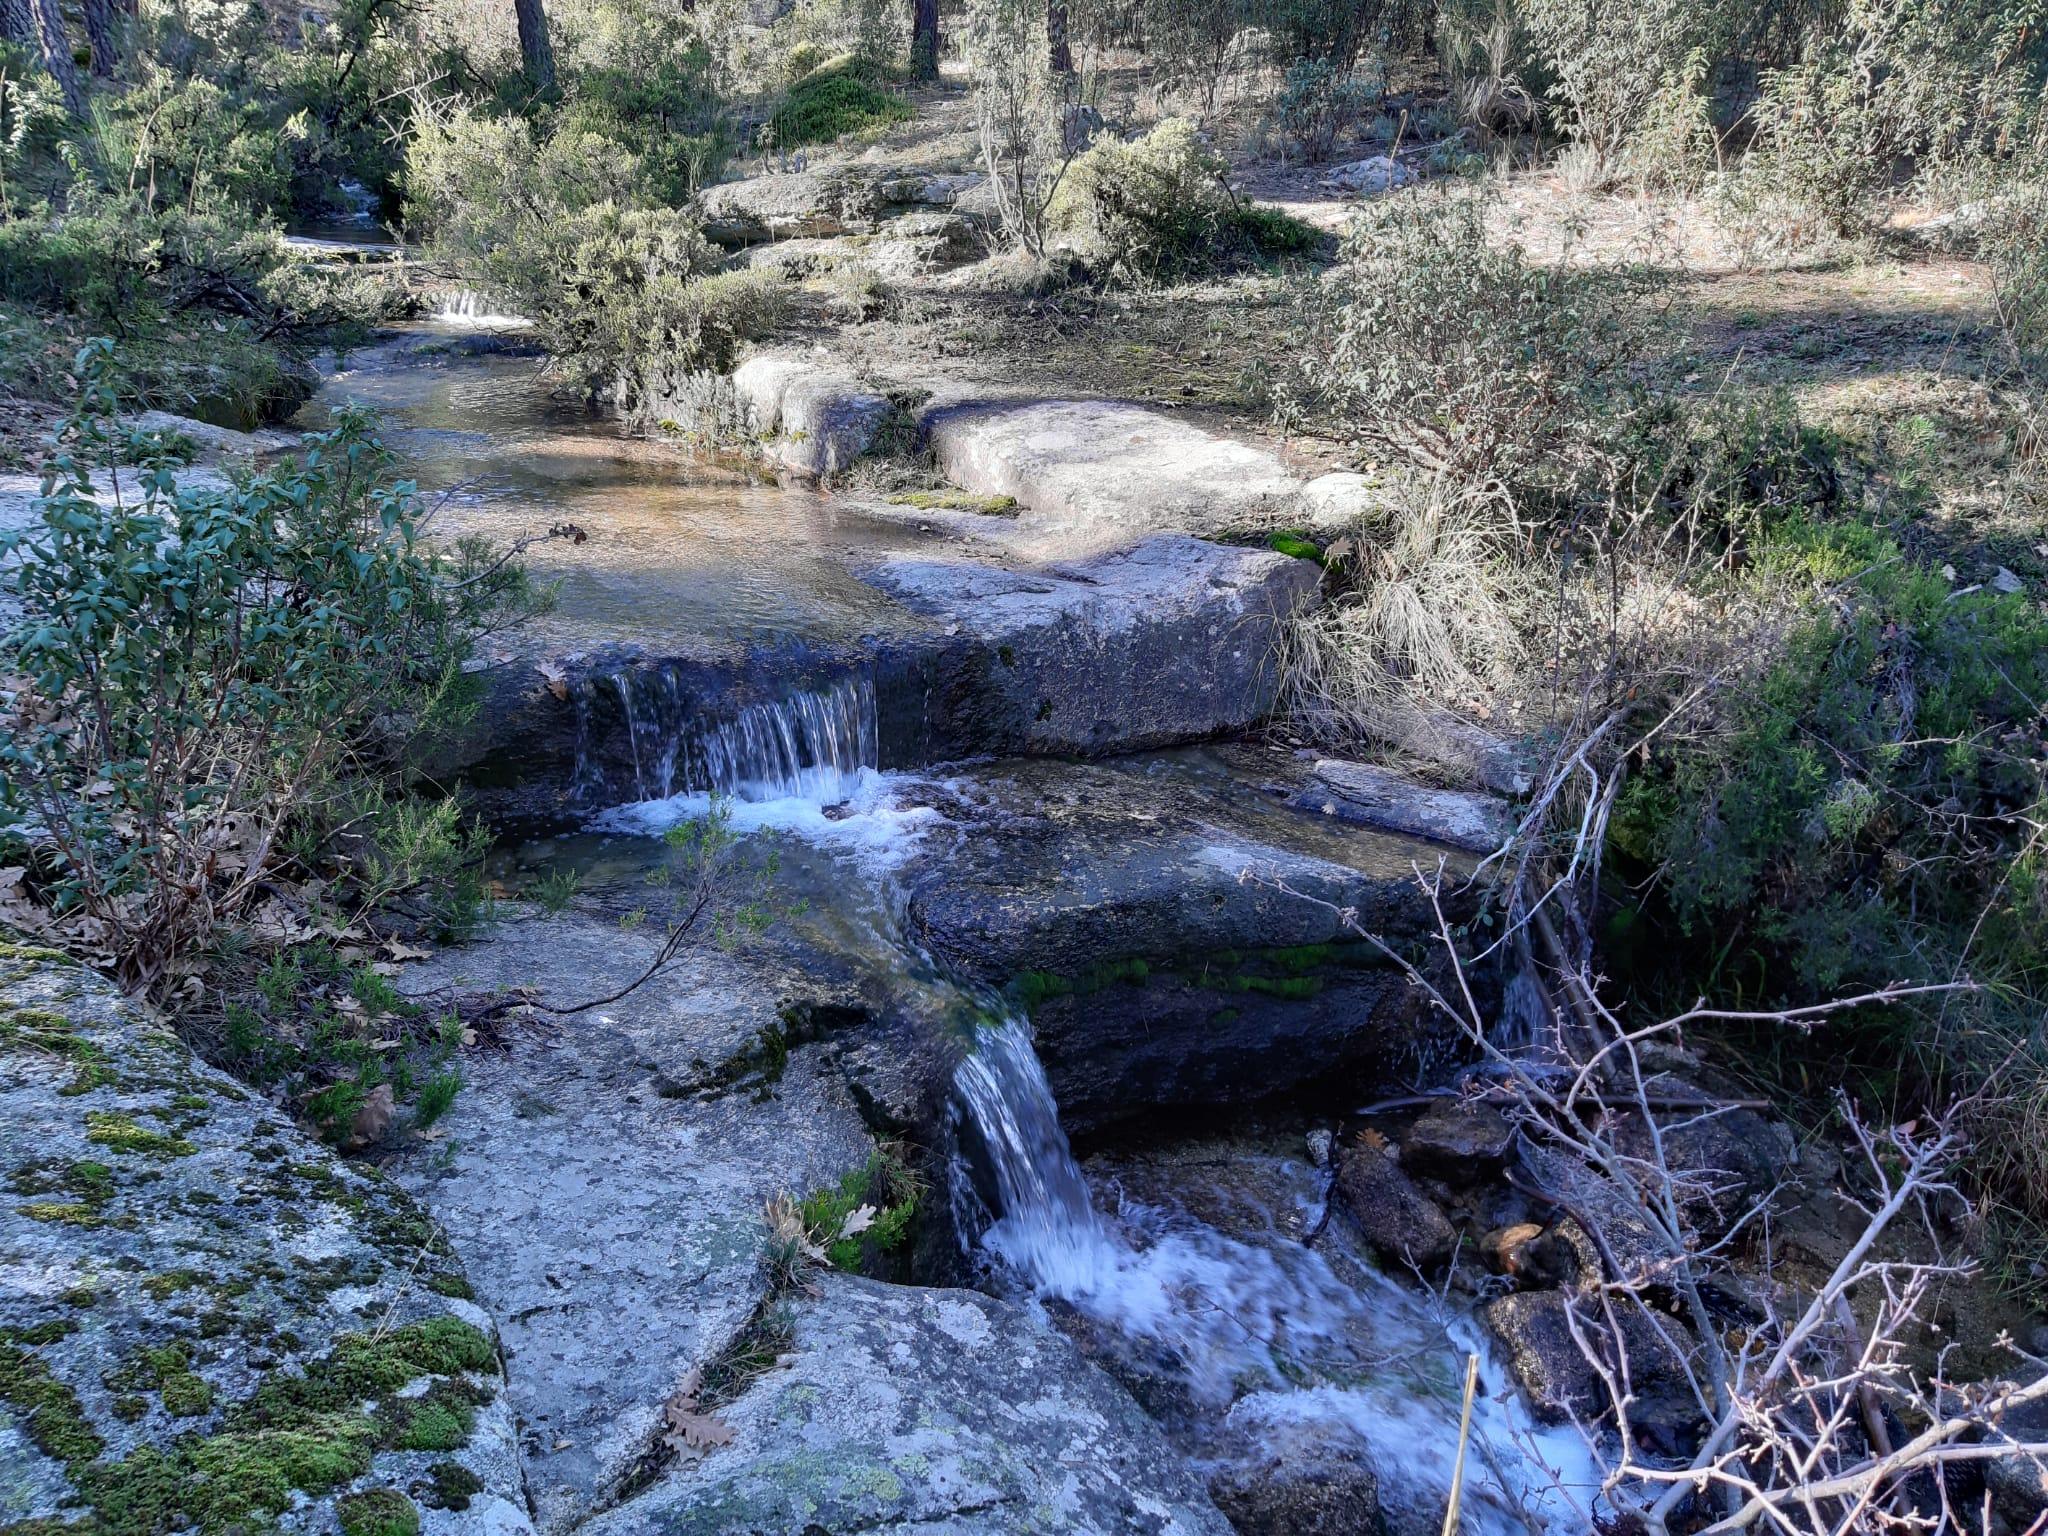 La Jarosa y Ruta del agua (las escorrentías)